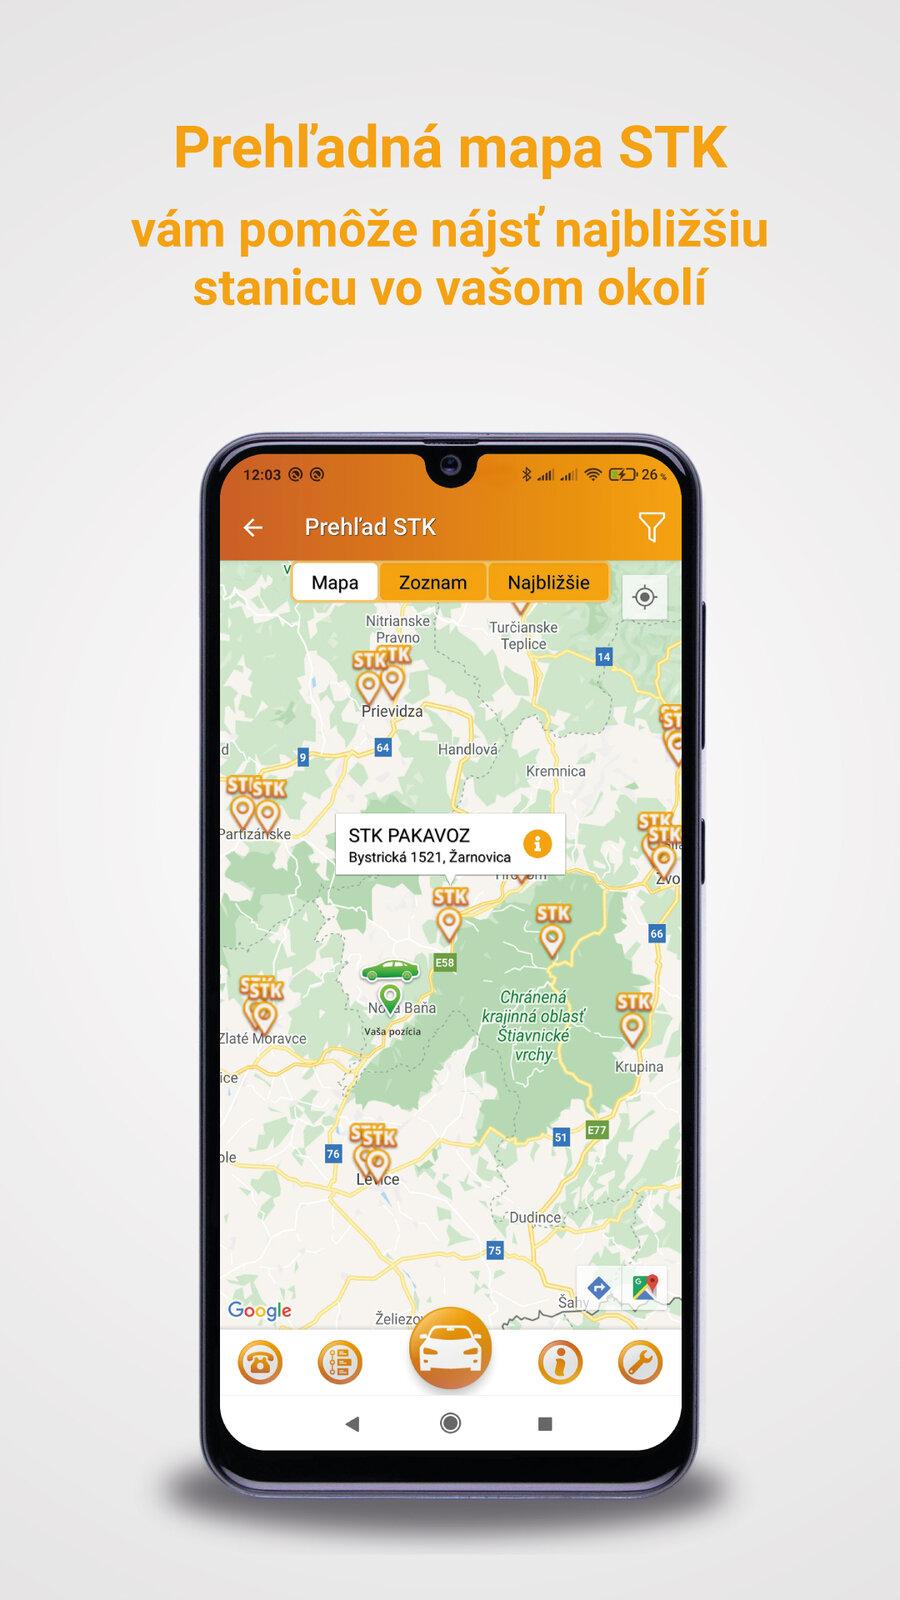 AutoMobil_Google Play Screen_SK_8 (1)